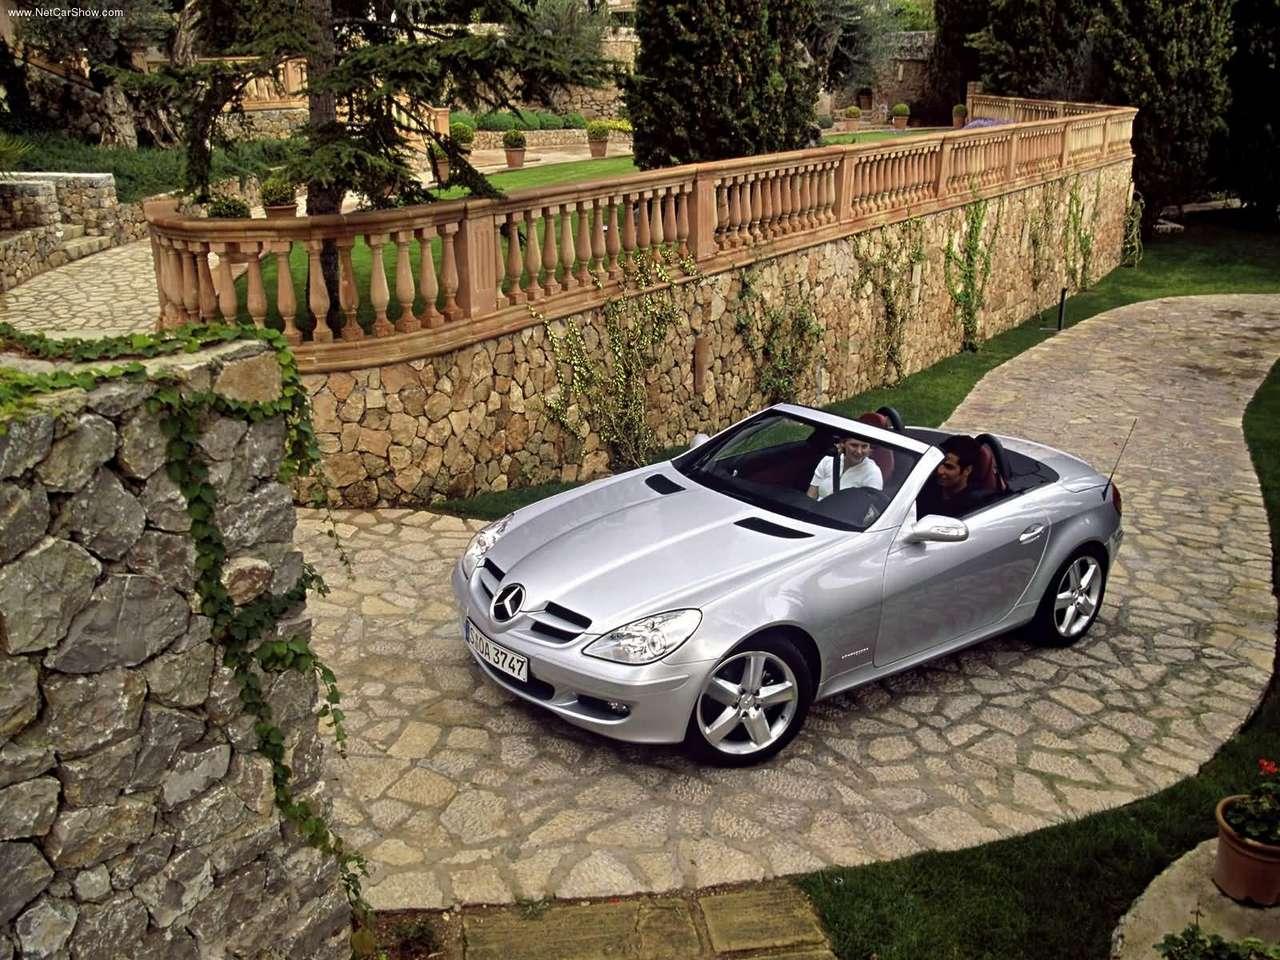 http://1.bp.blogspot.com/_vPMjJG-enrk/S9QYhjMUceI/AAAAAAAABPg/bgmuJY9cz-M/s1600/Mercedes-Benz-SLK200_Kompressor_2005_1280x960_wallpaper_03.jpg